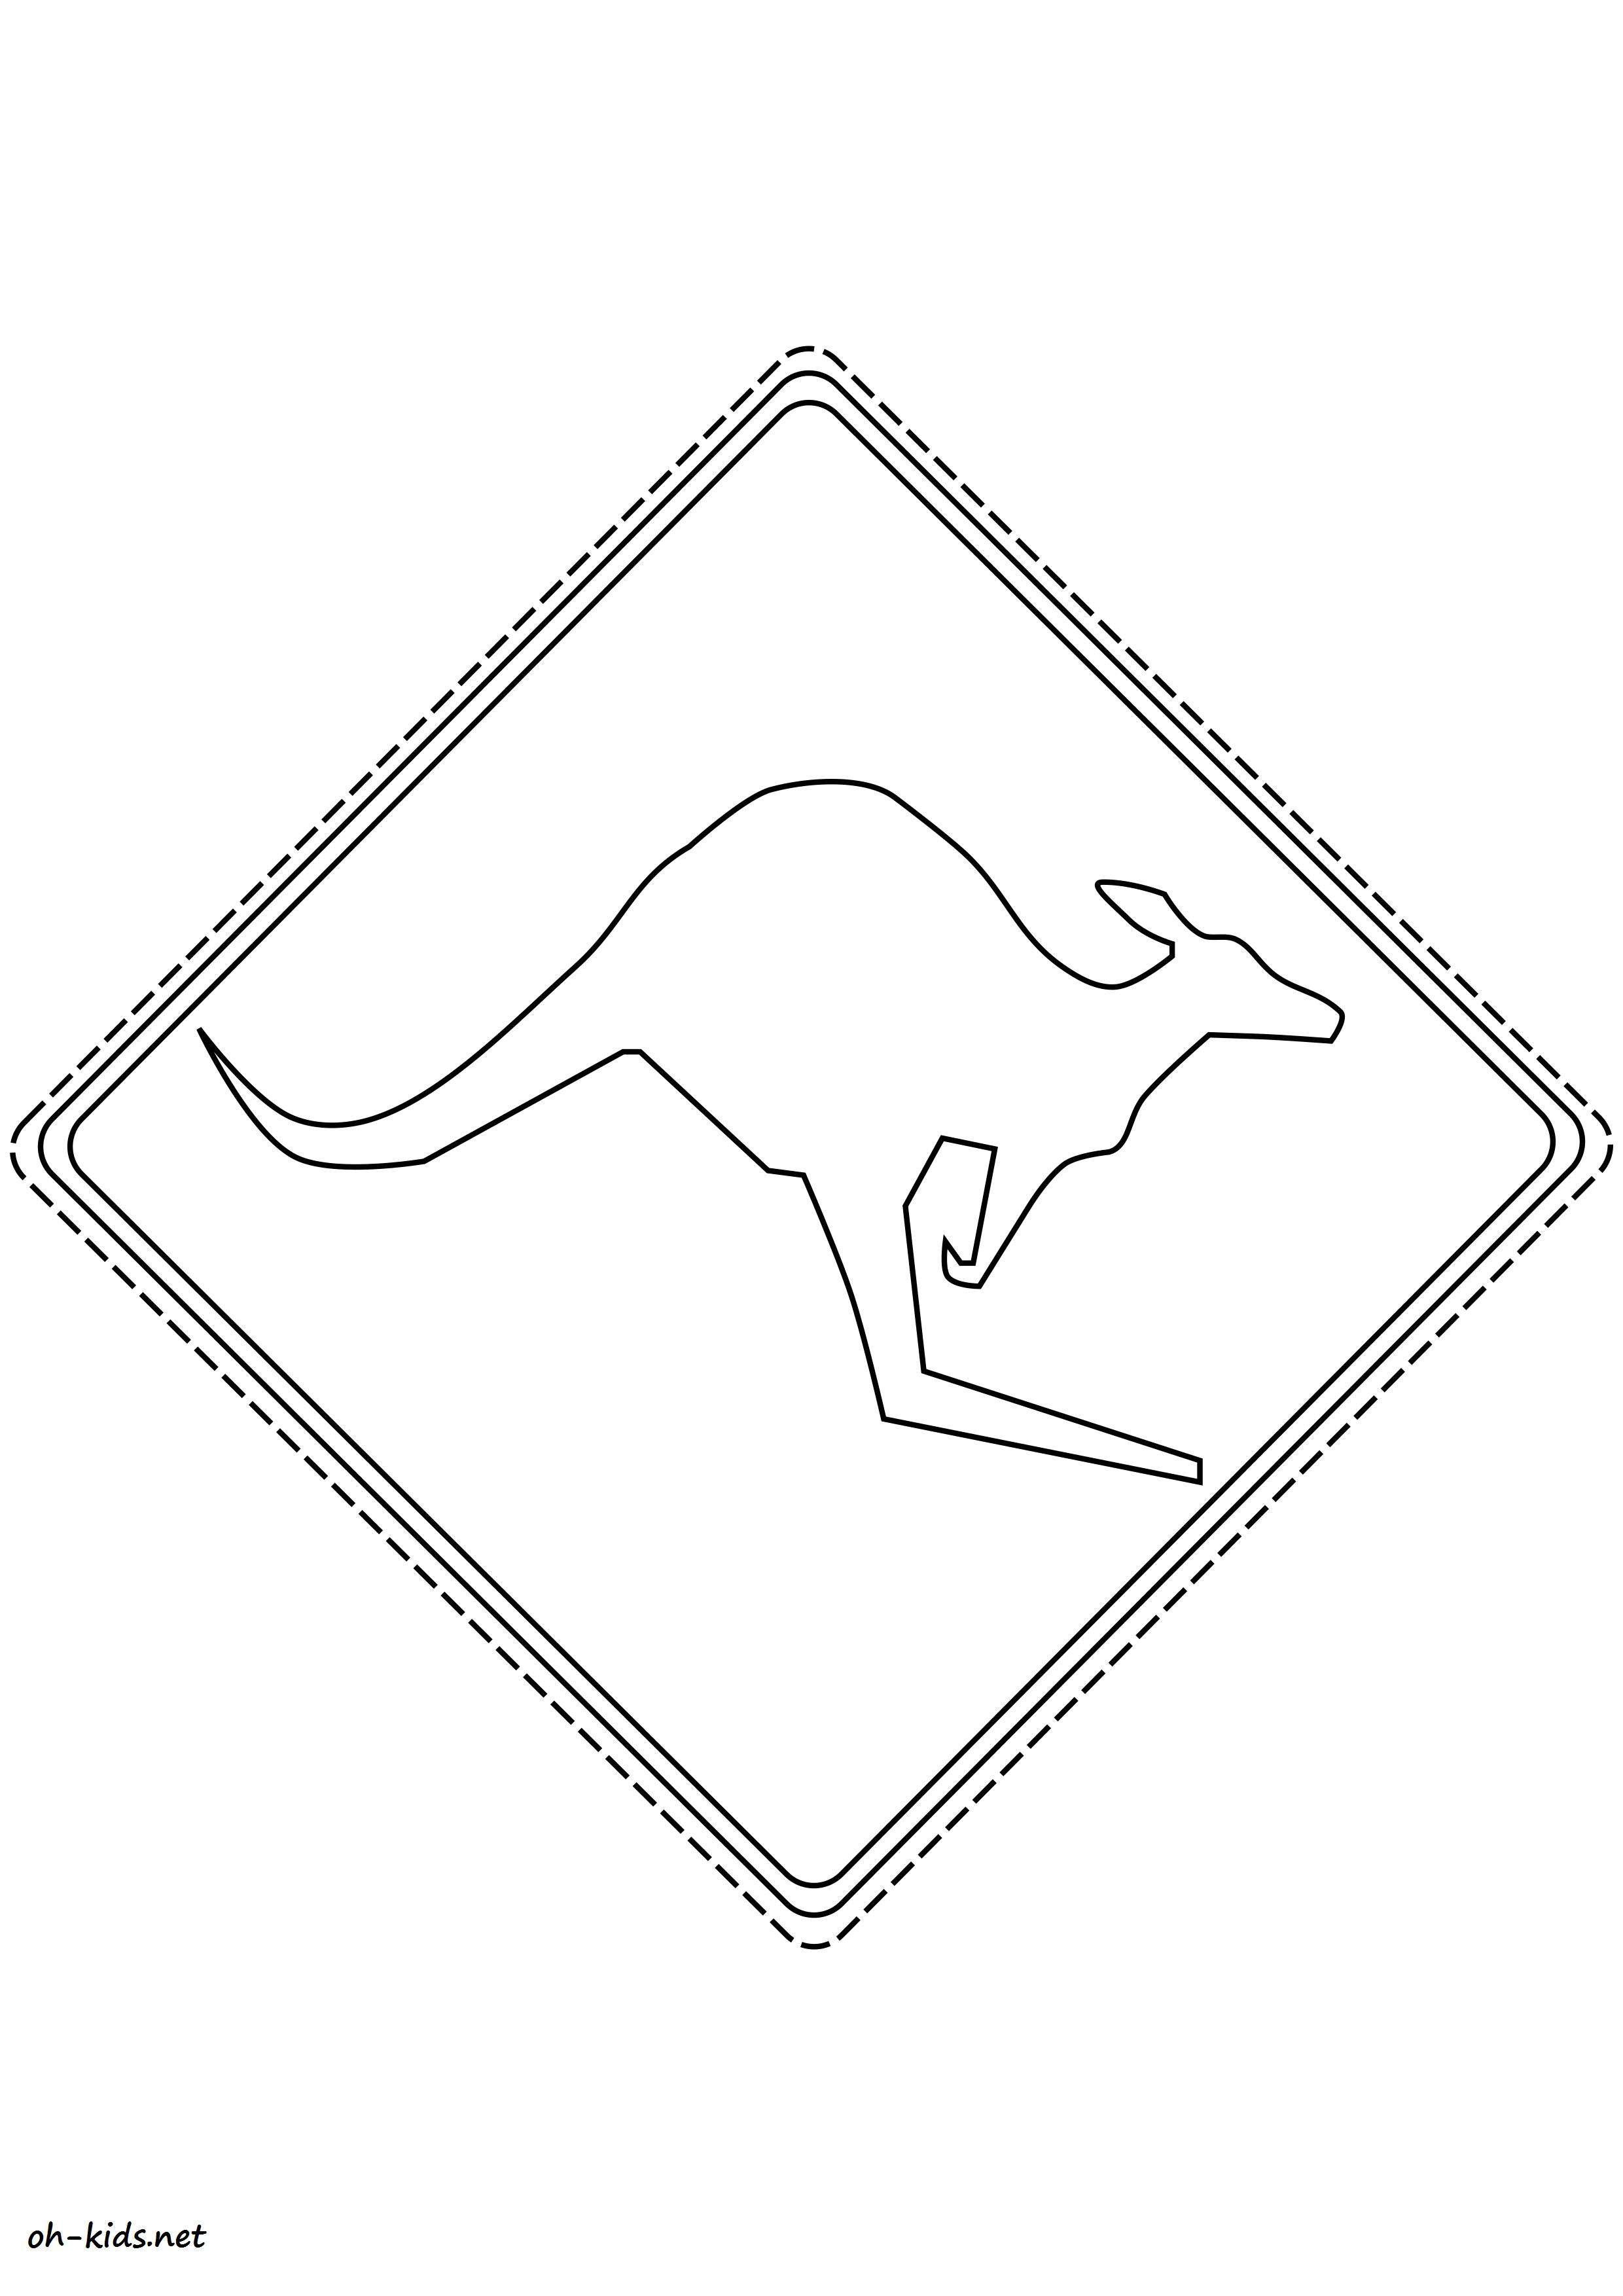 Dessin gratuit kangourou à imprimer - Dessin #1628